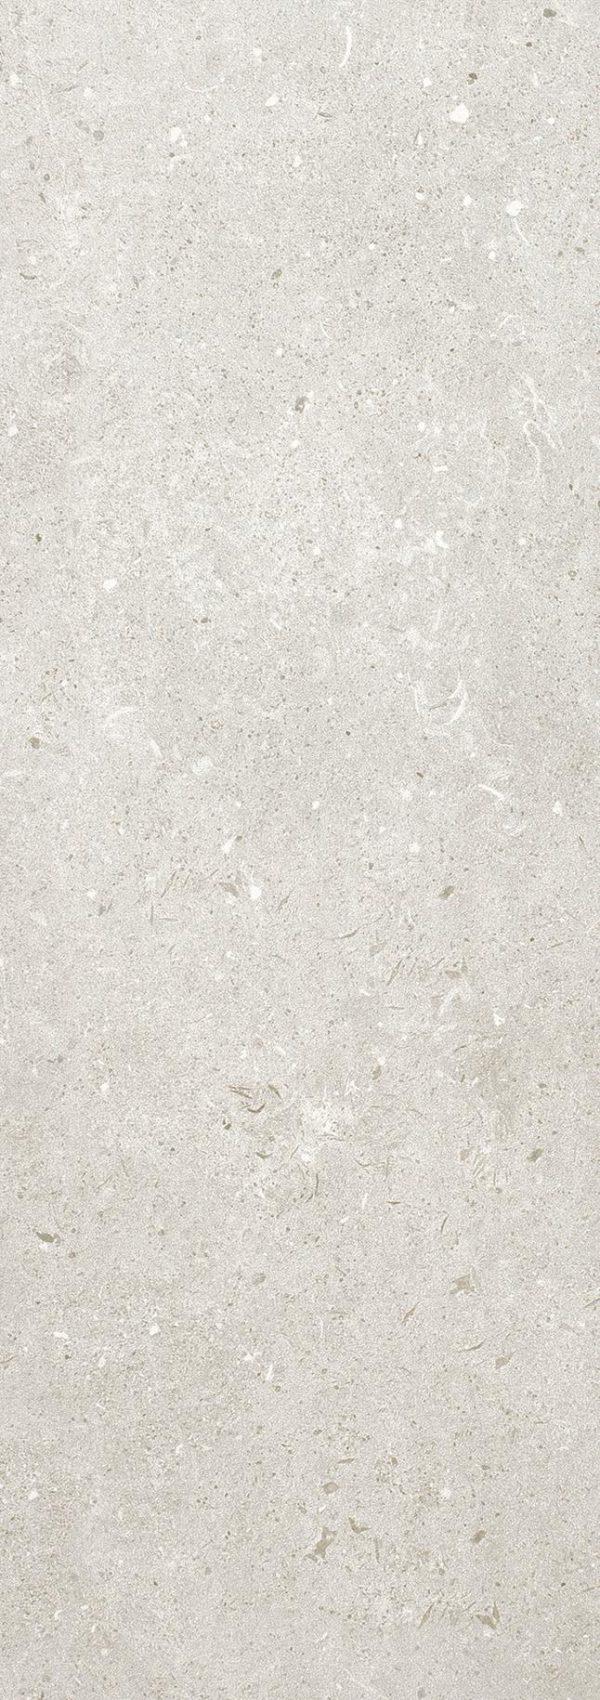 Beren - Light Grey